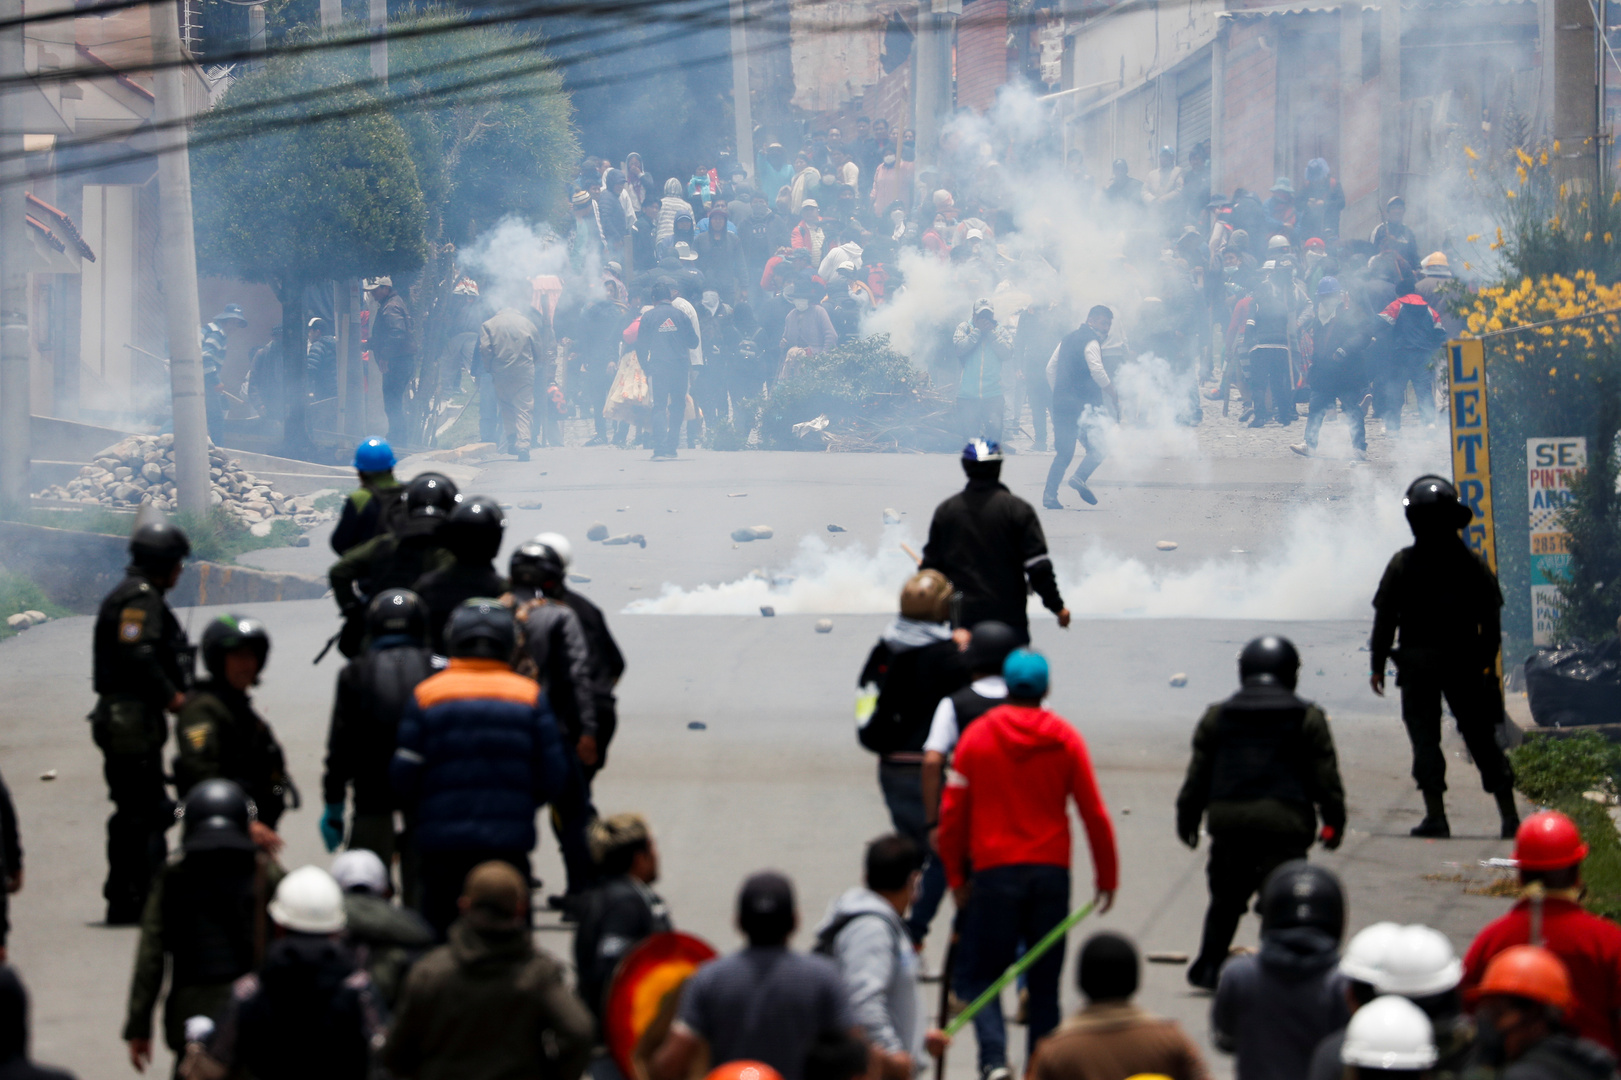 نتيجة بحث الصور عن واشنطن تحث المتظاهرين في بوليفيا على عدم مهاجمة ممثلياتها الدبلوماسية